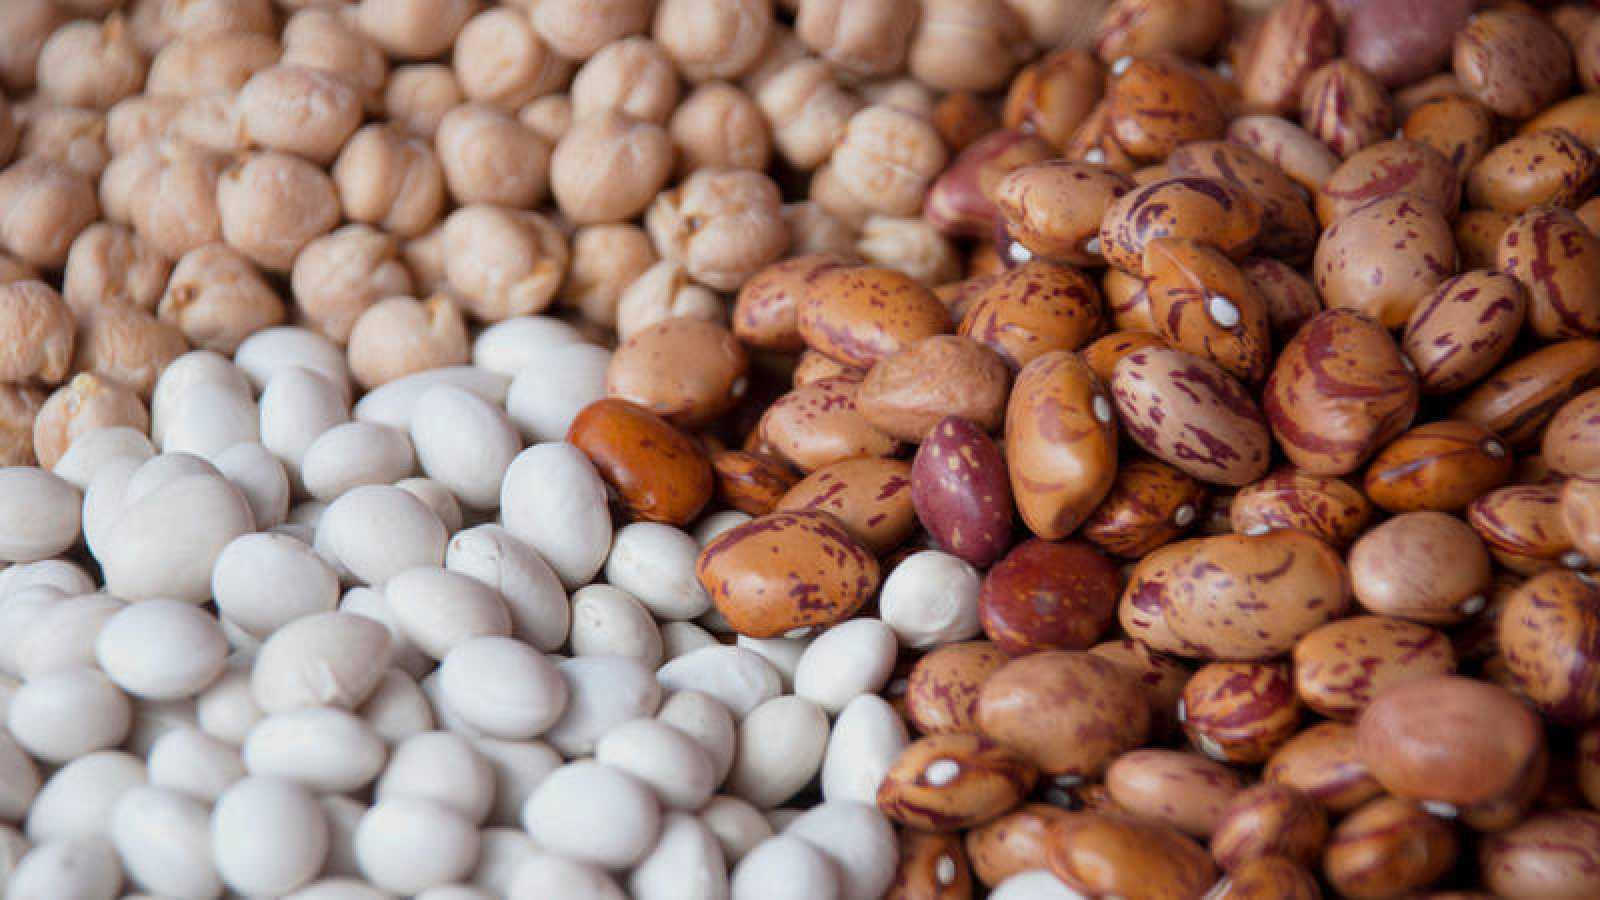 Las legumbres analizadas por el trabajo científico fueron lentejas, garbanzos, alubias y guisantes.